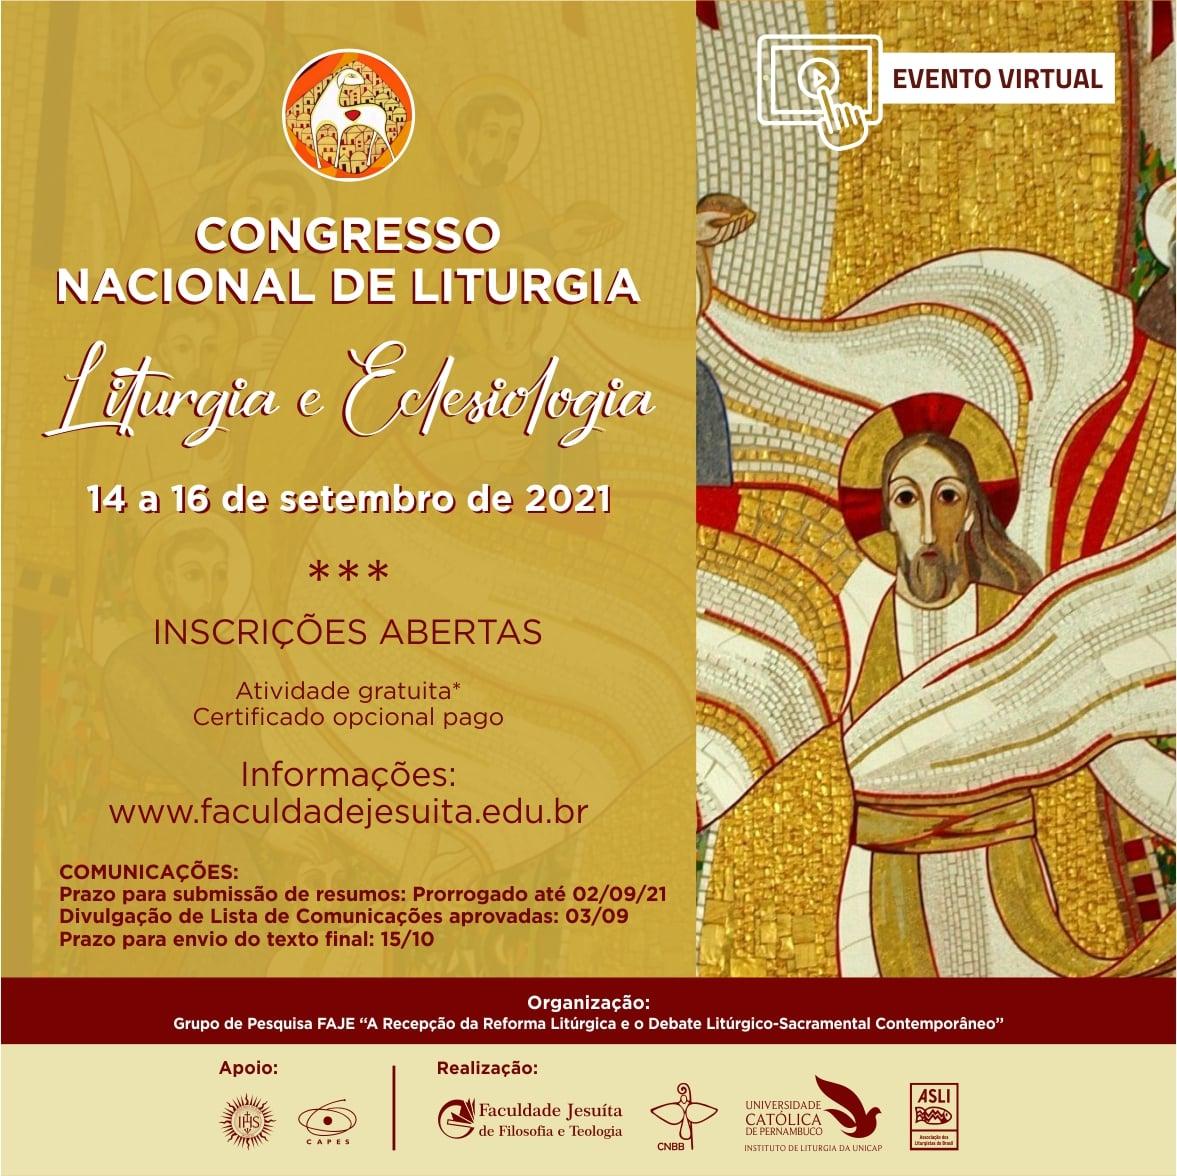 Congresso Nacional de Liturgia